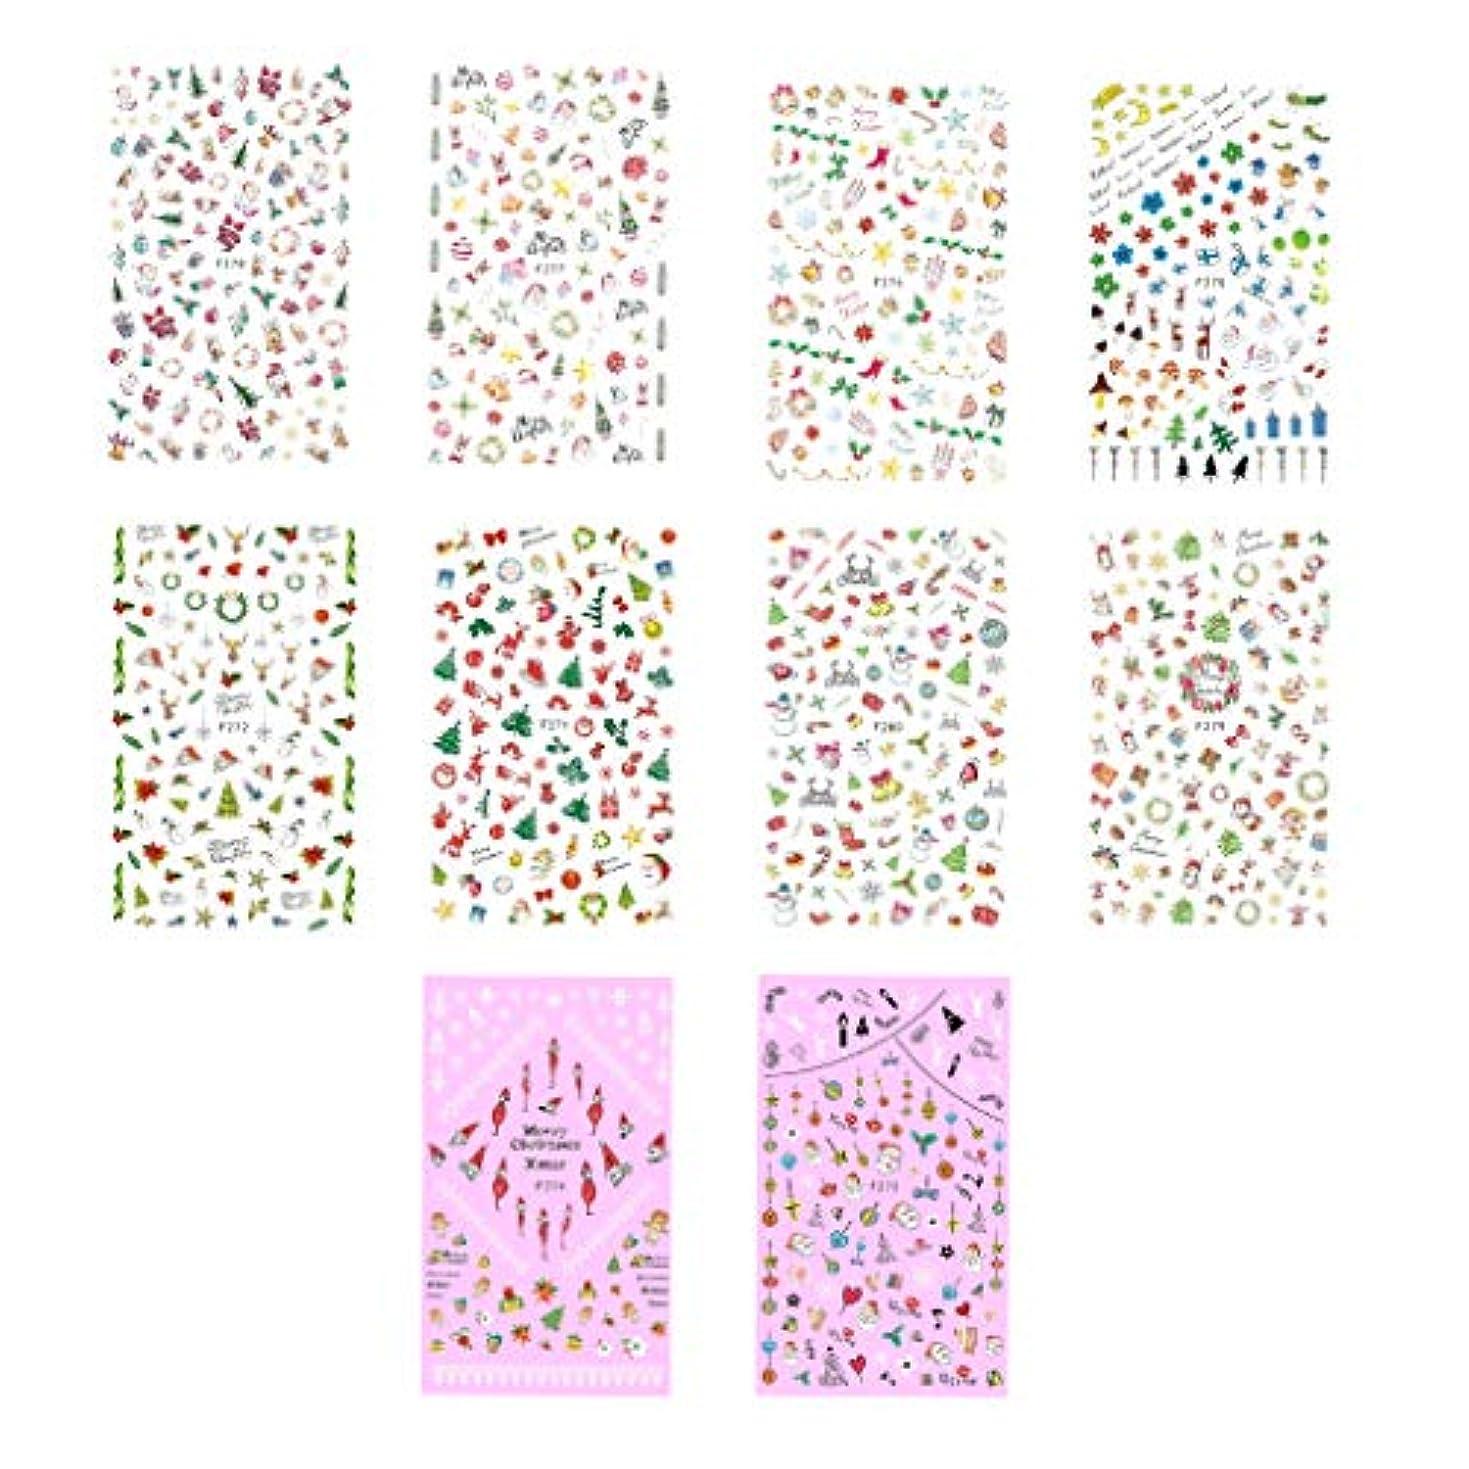 サンプル細菌シェードDYNWAVE 10枚のかわいい漫画のパターンネイルアートステッカースマートラブリーネイルデカール